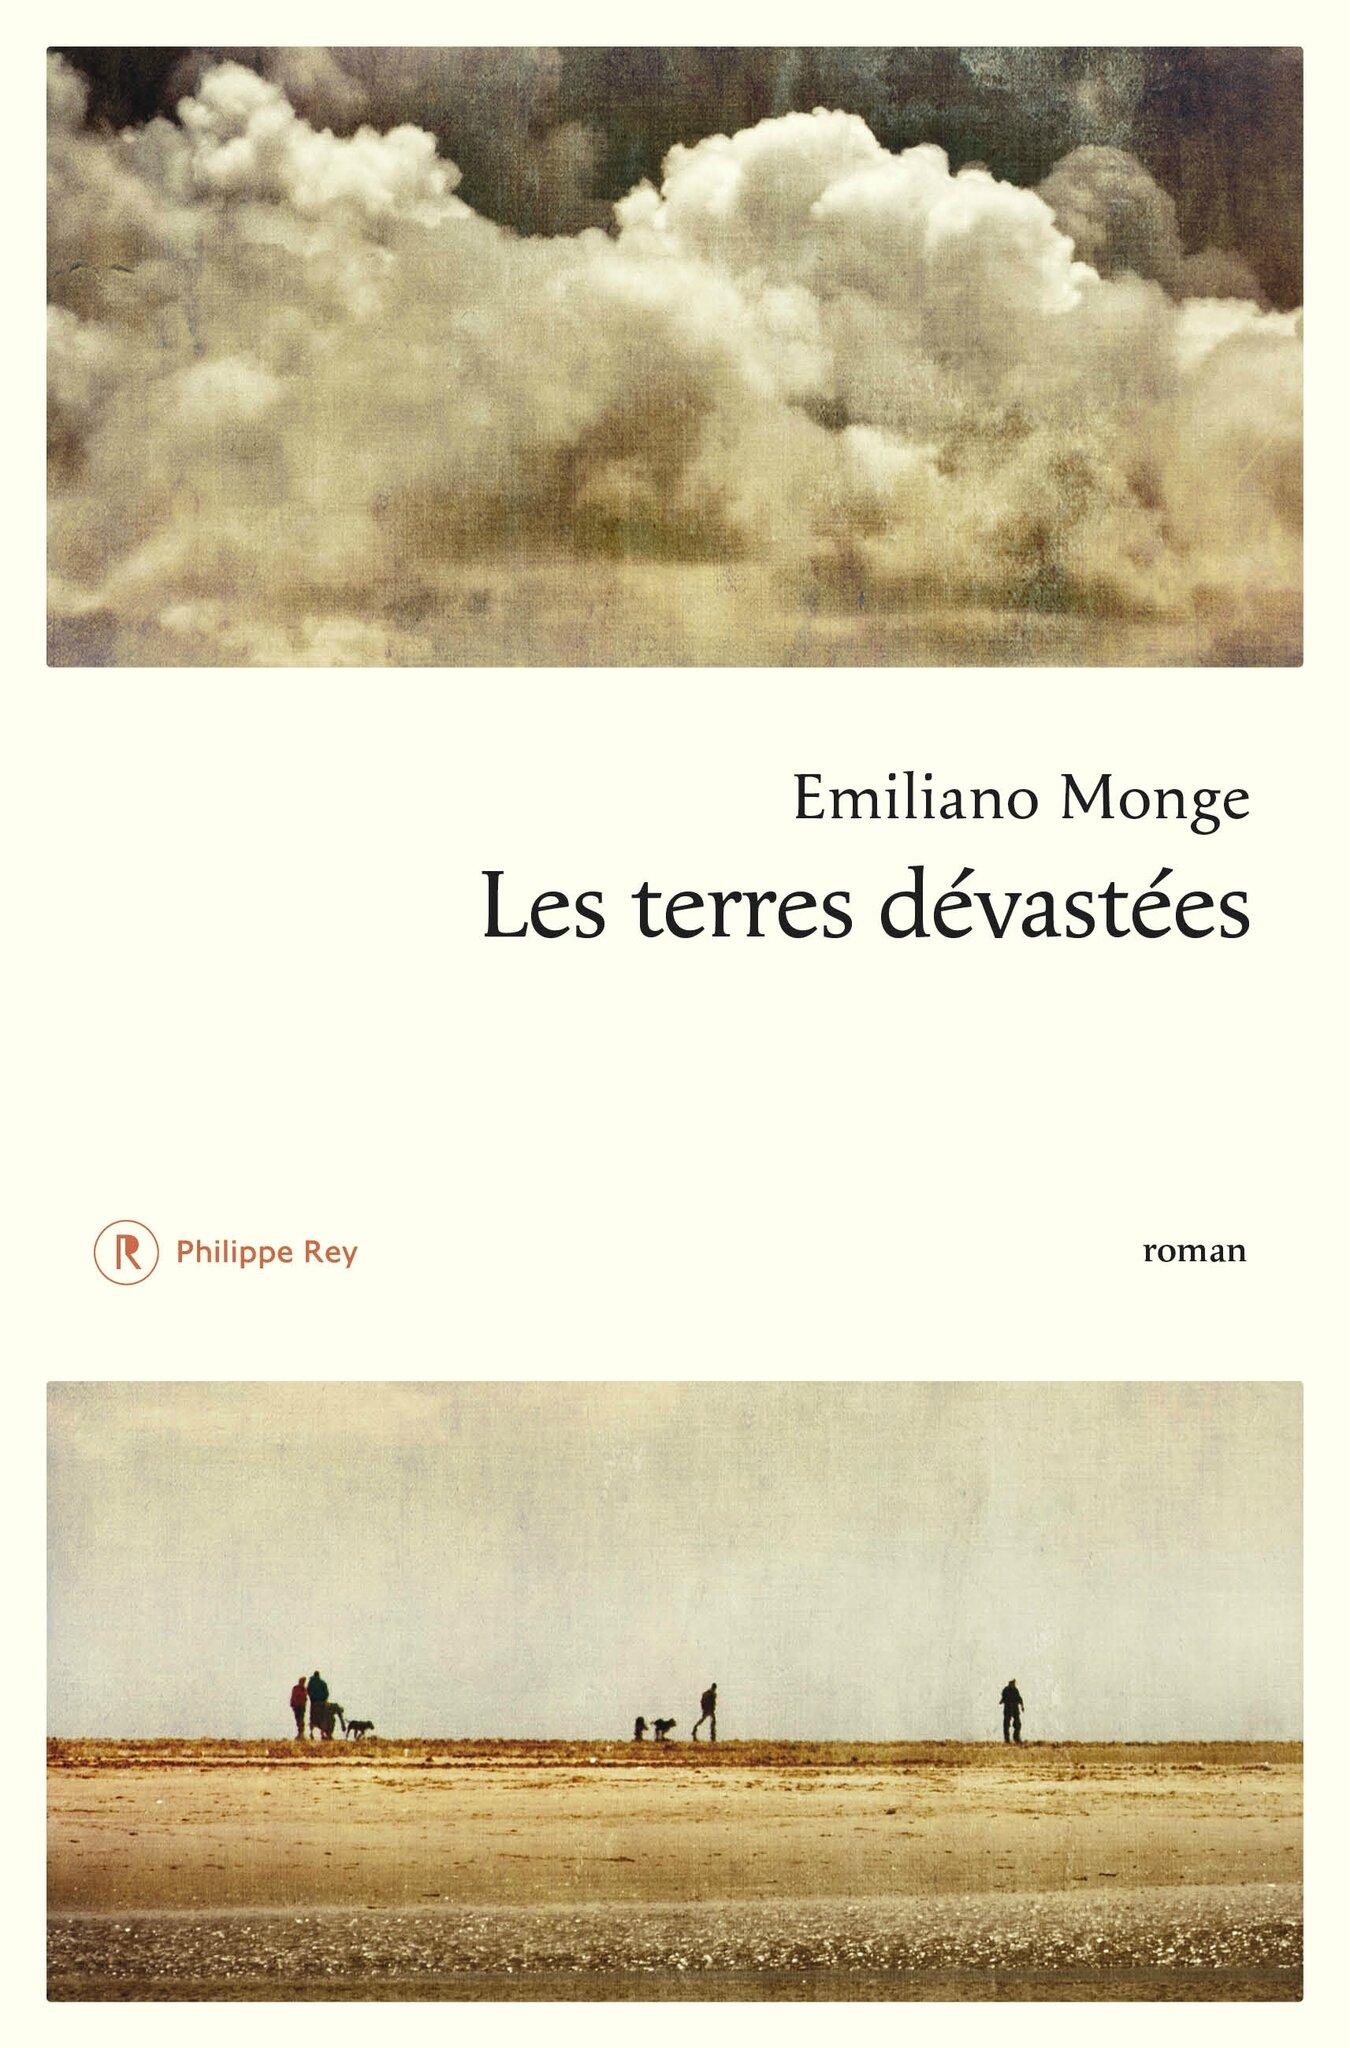 LES TERRES DÉVASTÉES - Emiliano MONGE